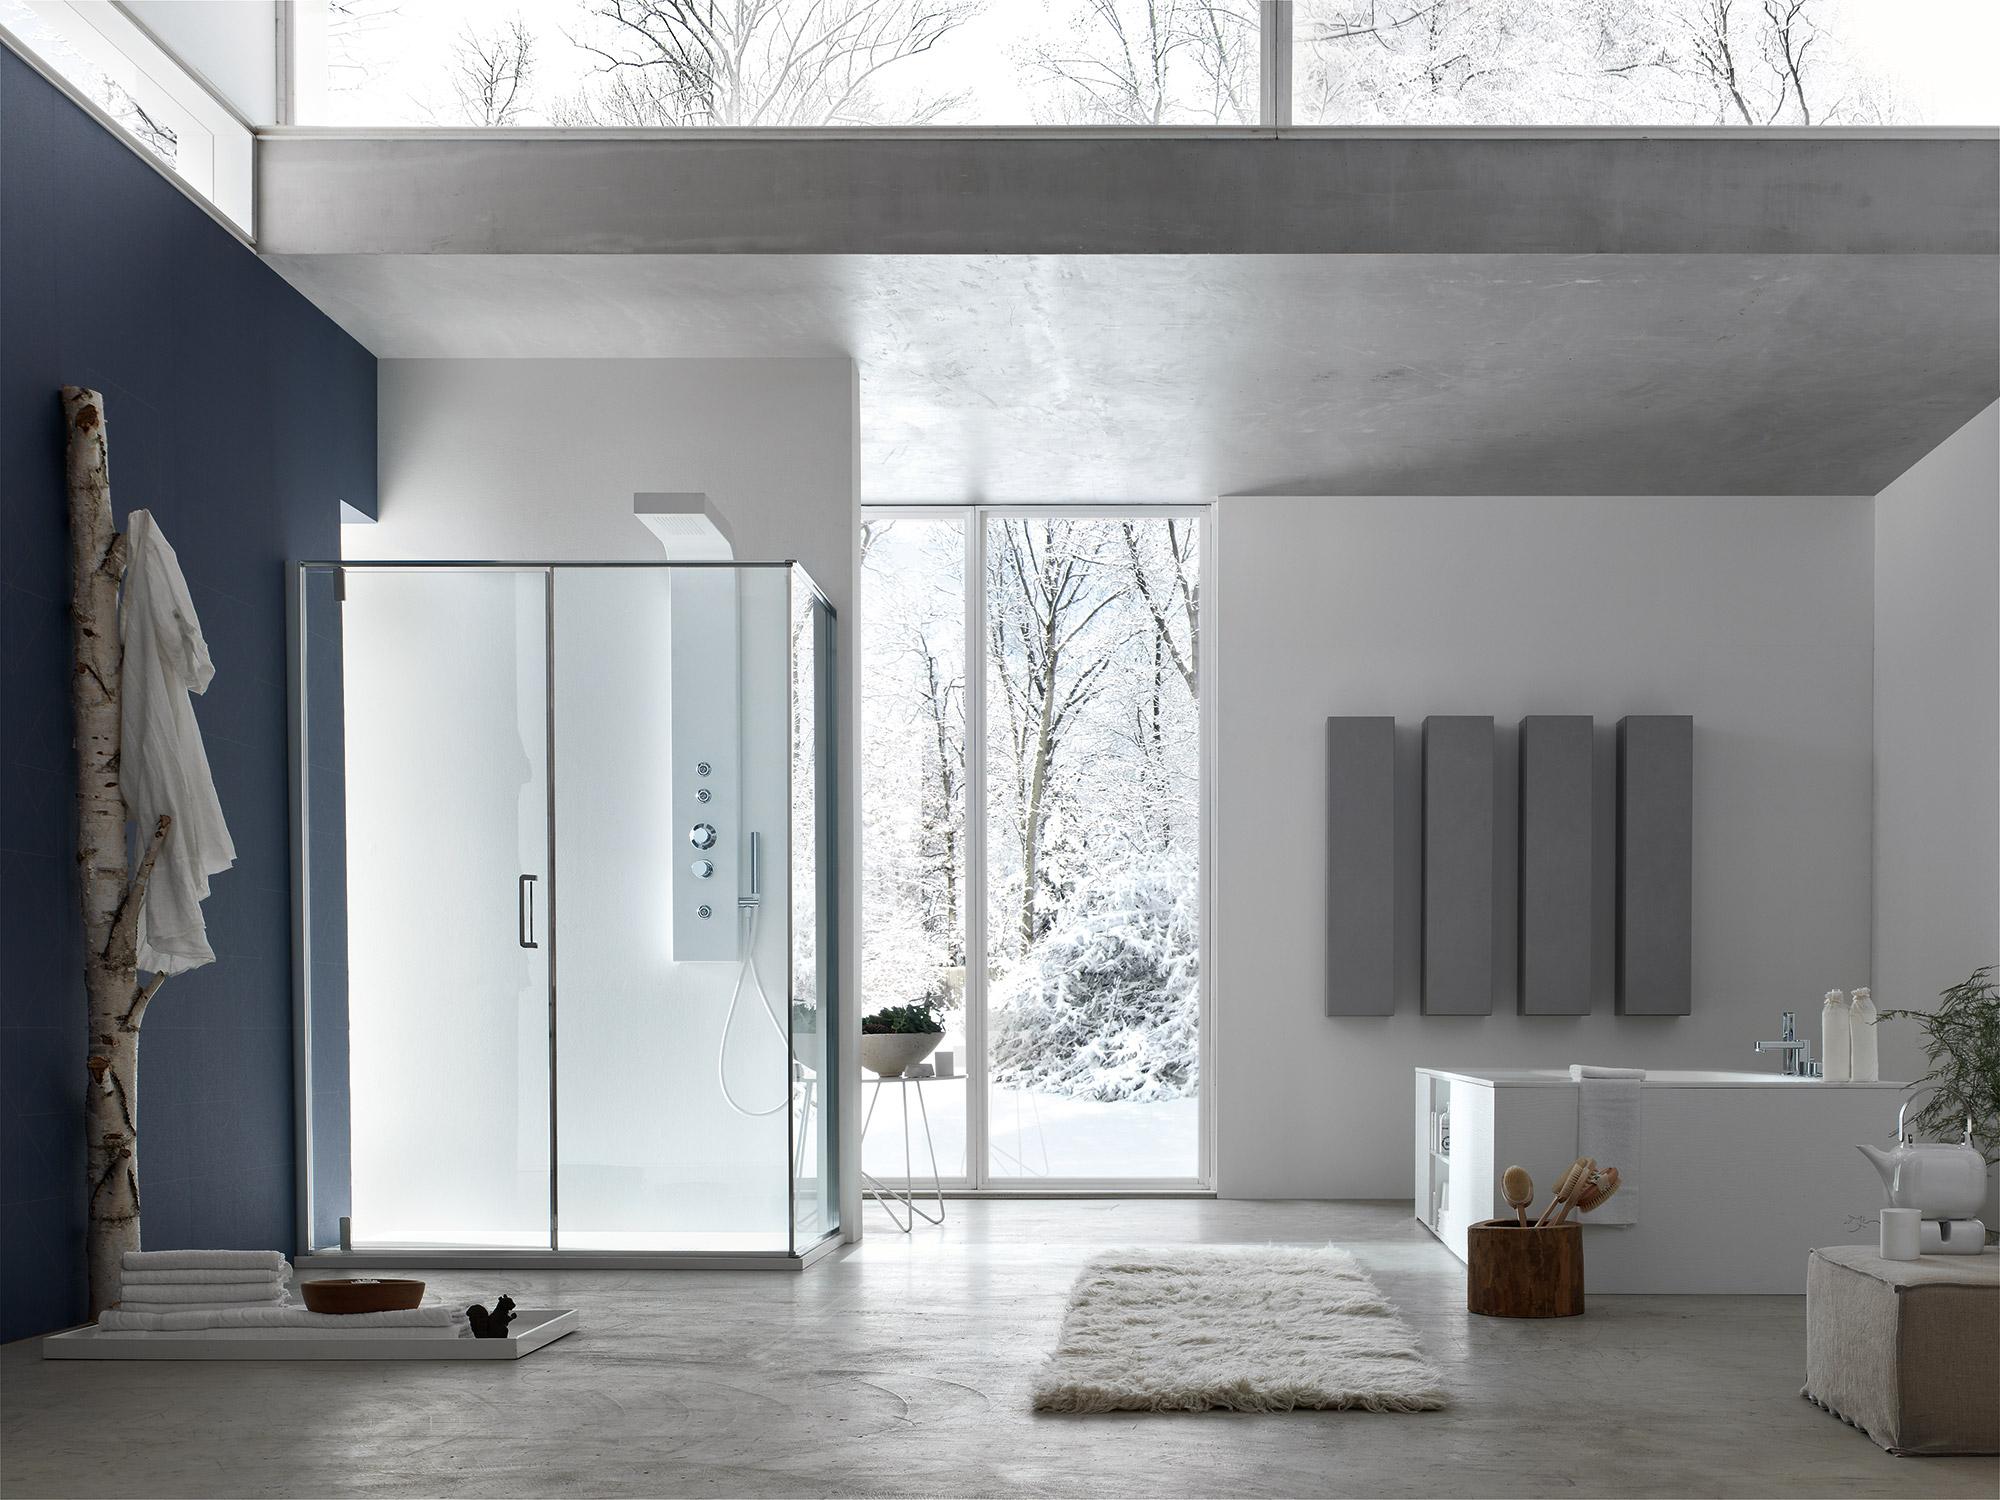 Arcom arredobagno - AKS living shower - S6